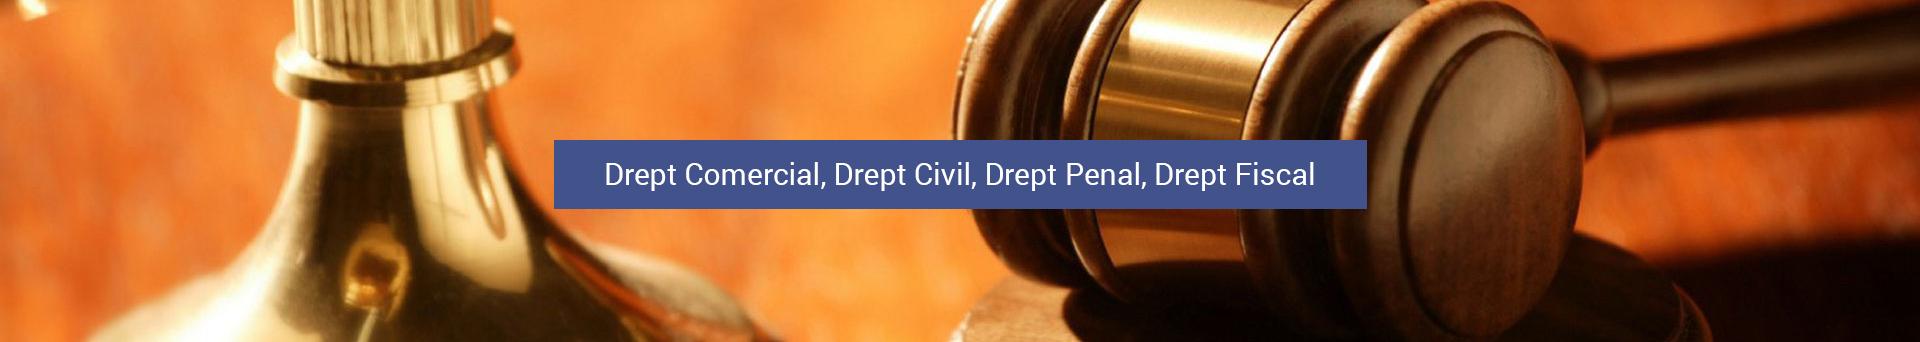 Drept Comercial, Drept Civil, Drept Penal, Drept Fiscal